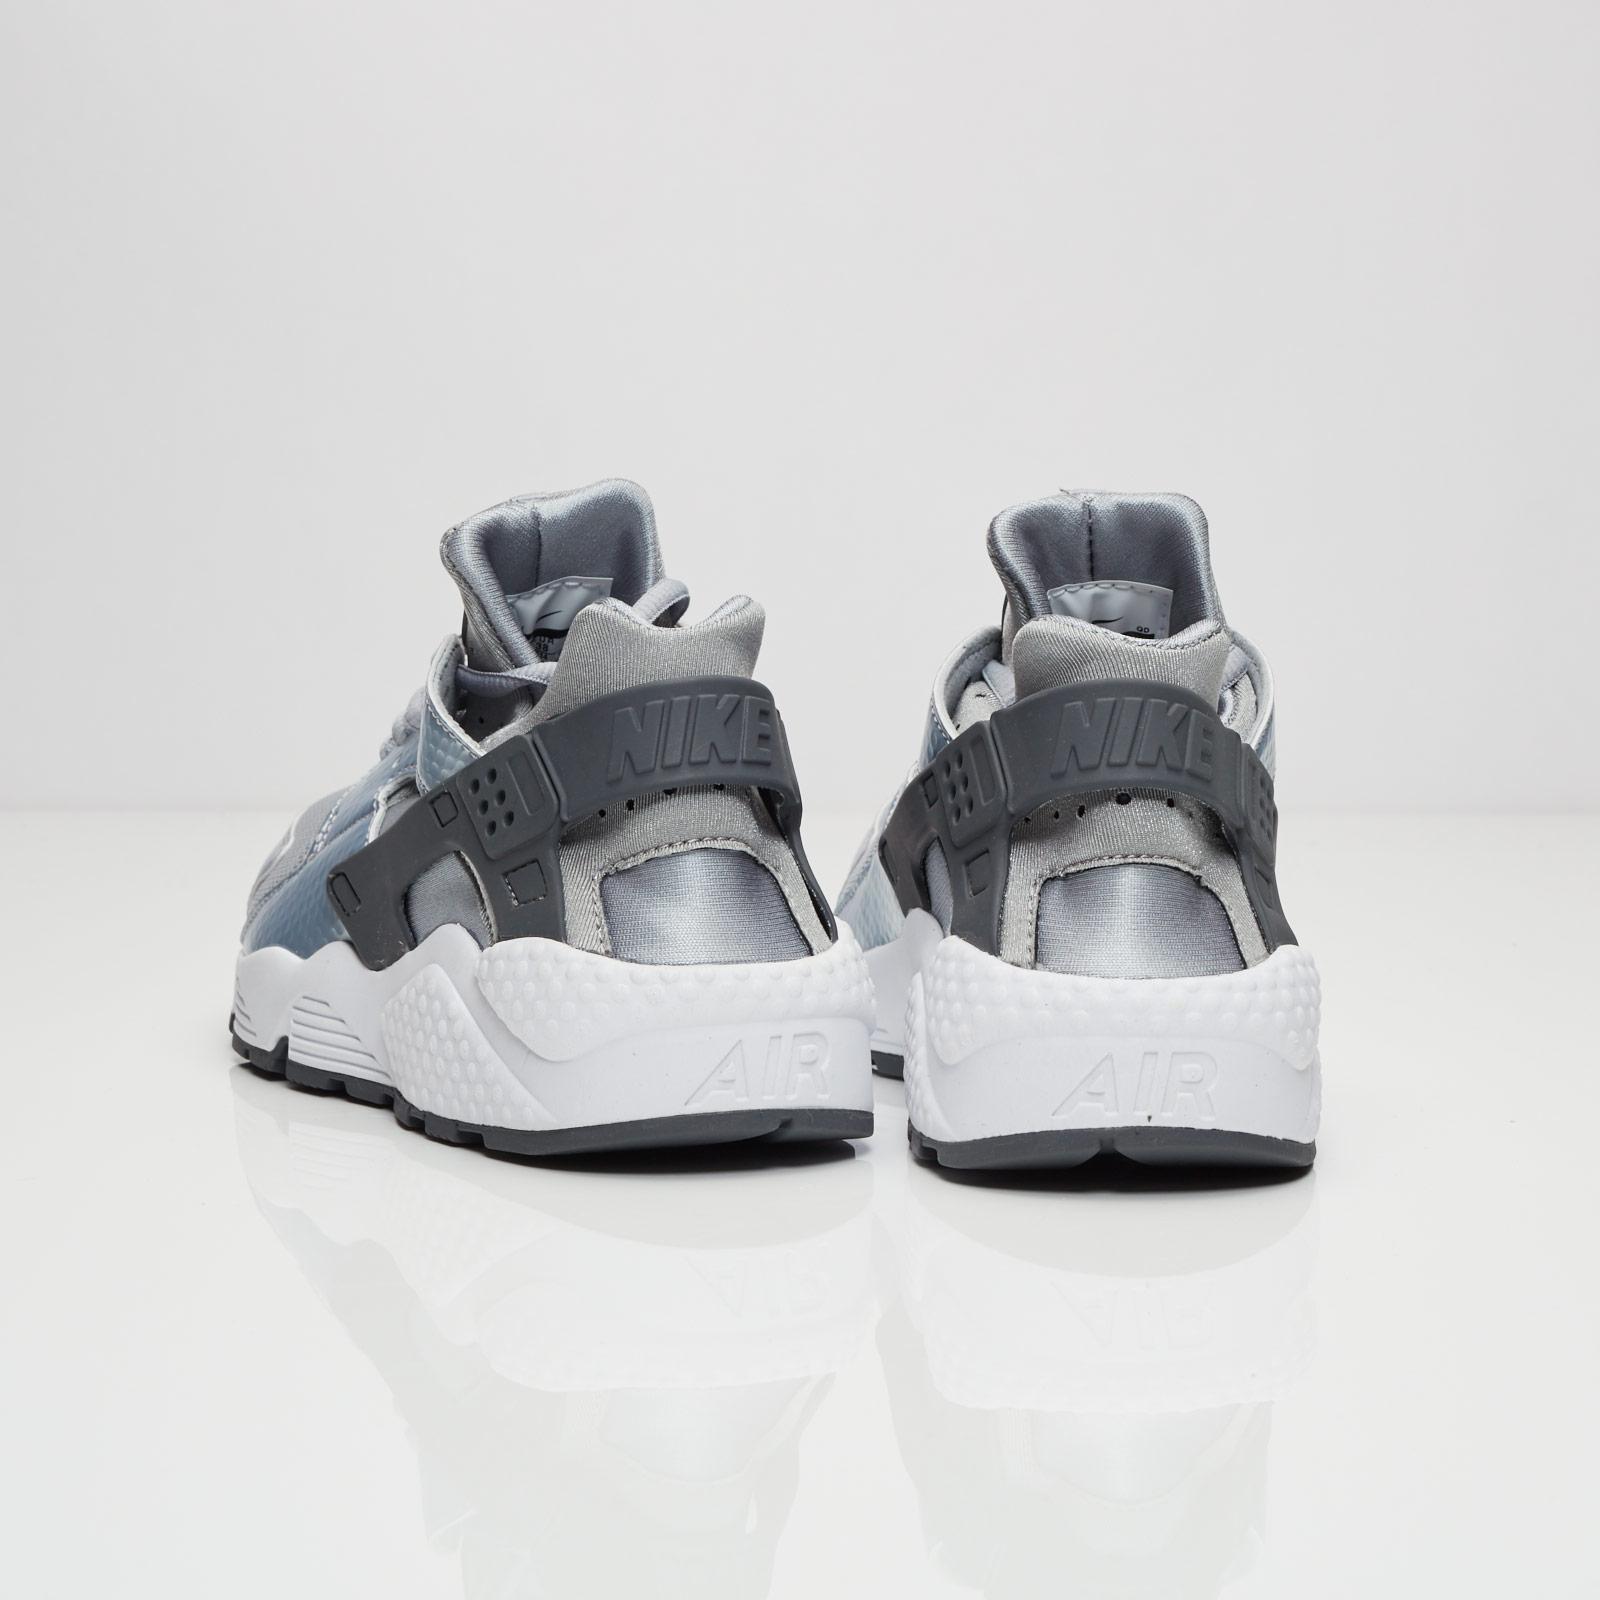 e92910397dc6 Nike Wmns Air Huarache Run - 634835-014 - Sneakersnstuff